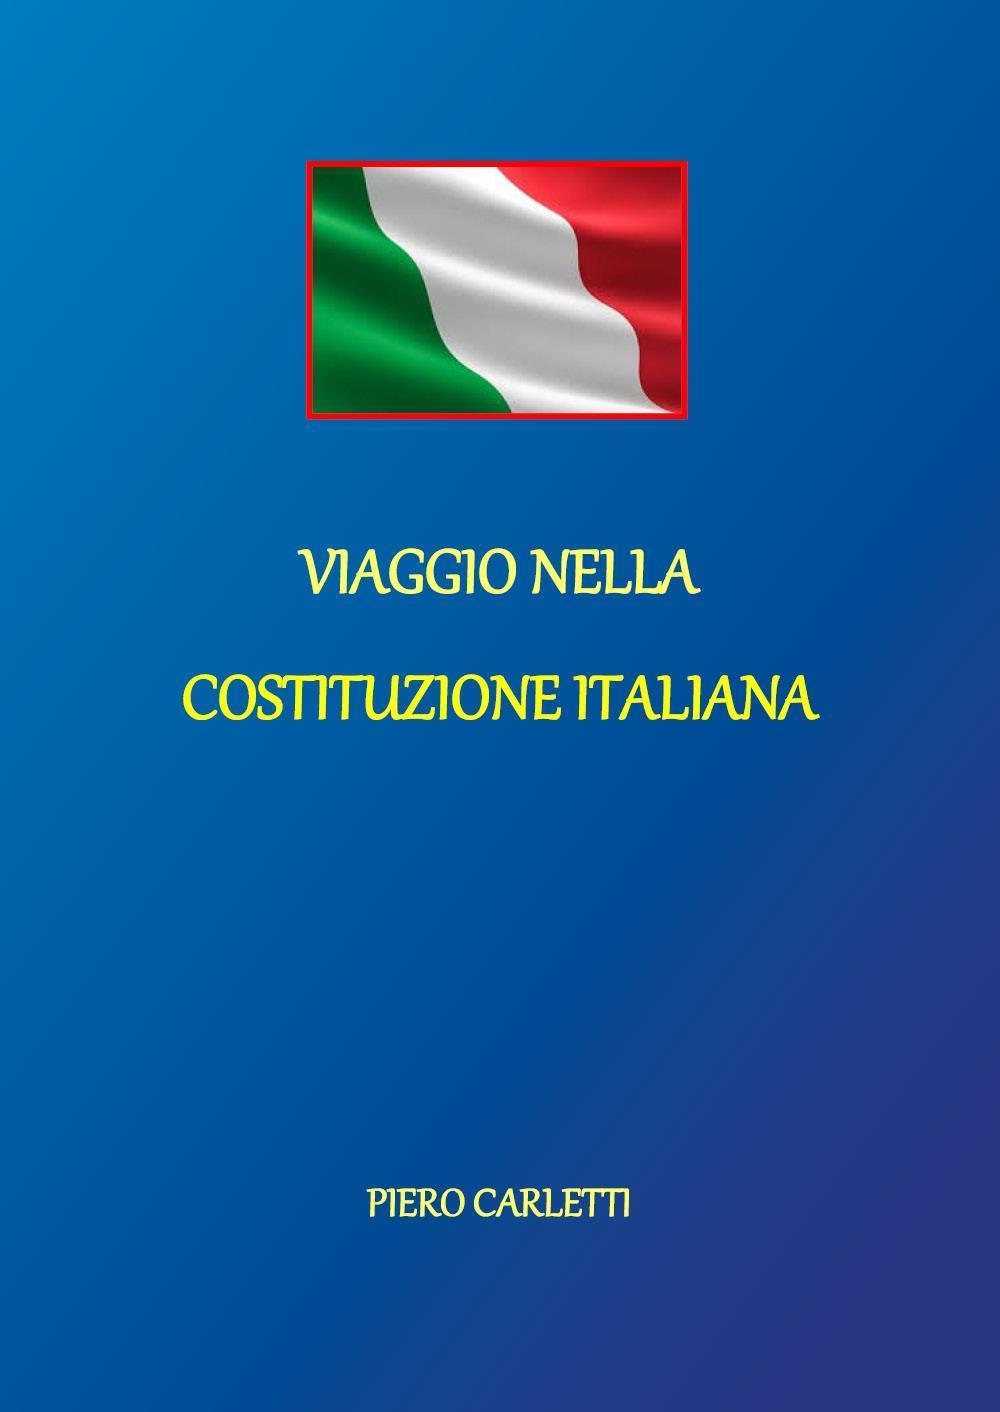 Viaggio nella costituzione italiana